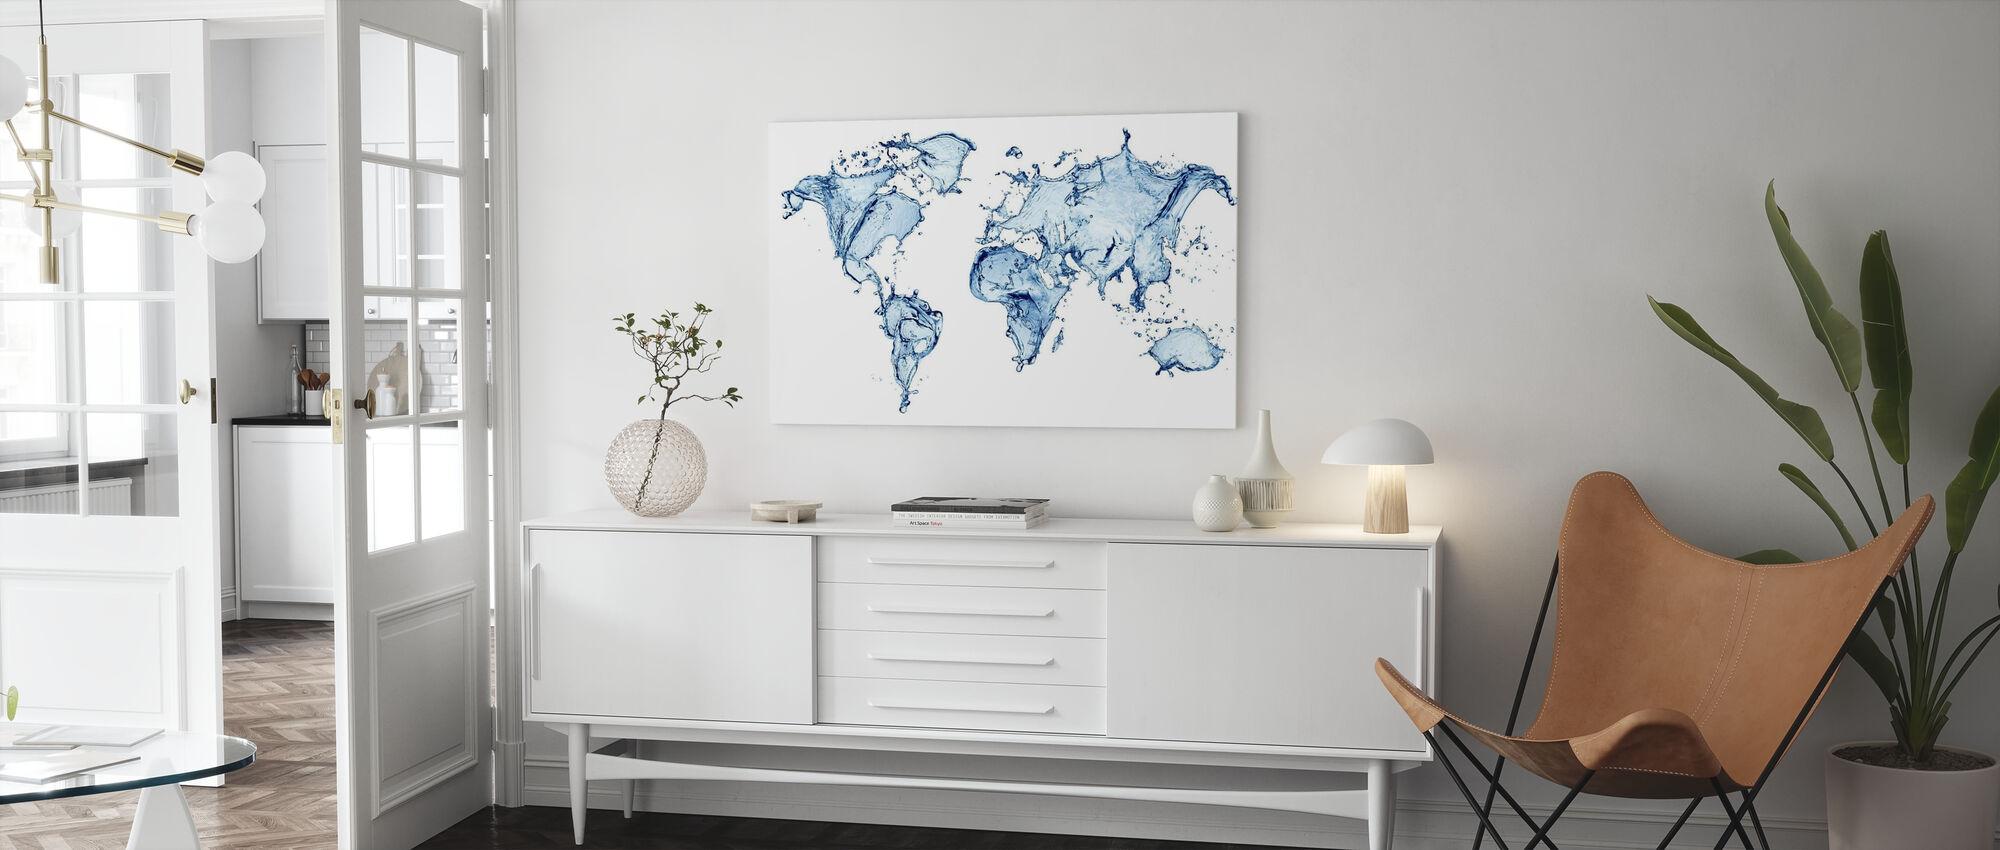 Waterwereld - Canvas print - Woonkamer